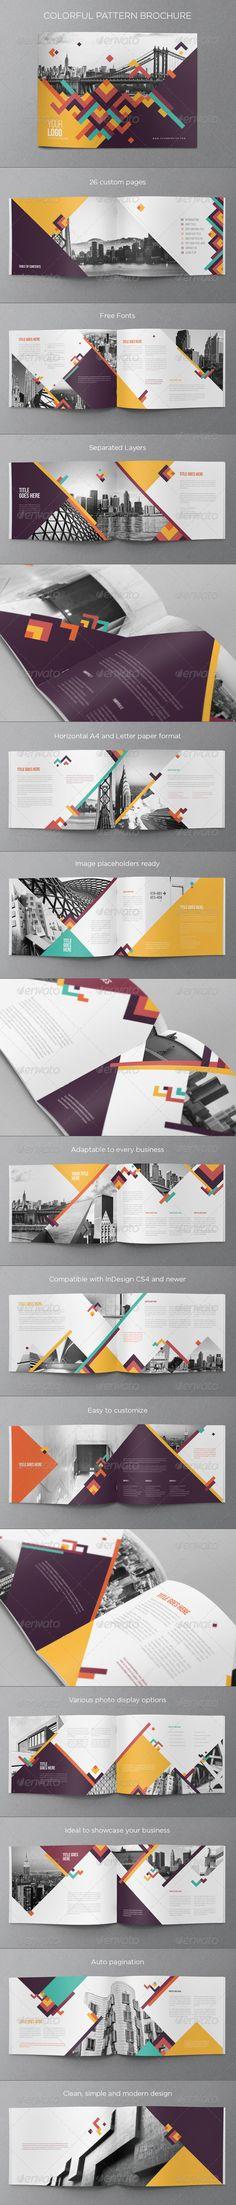 Colorful Pattern Brochure - Brochures Print Templates / Lignes de force diagonales